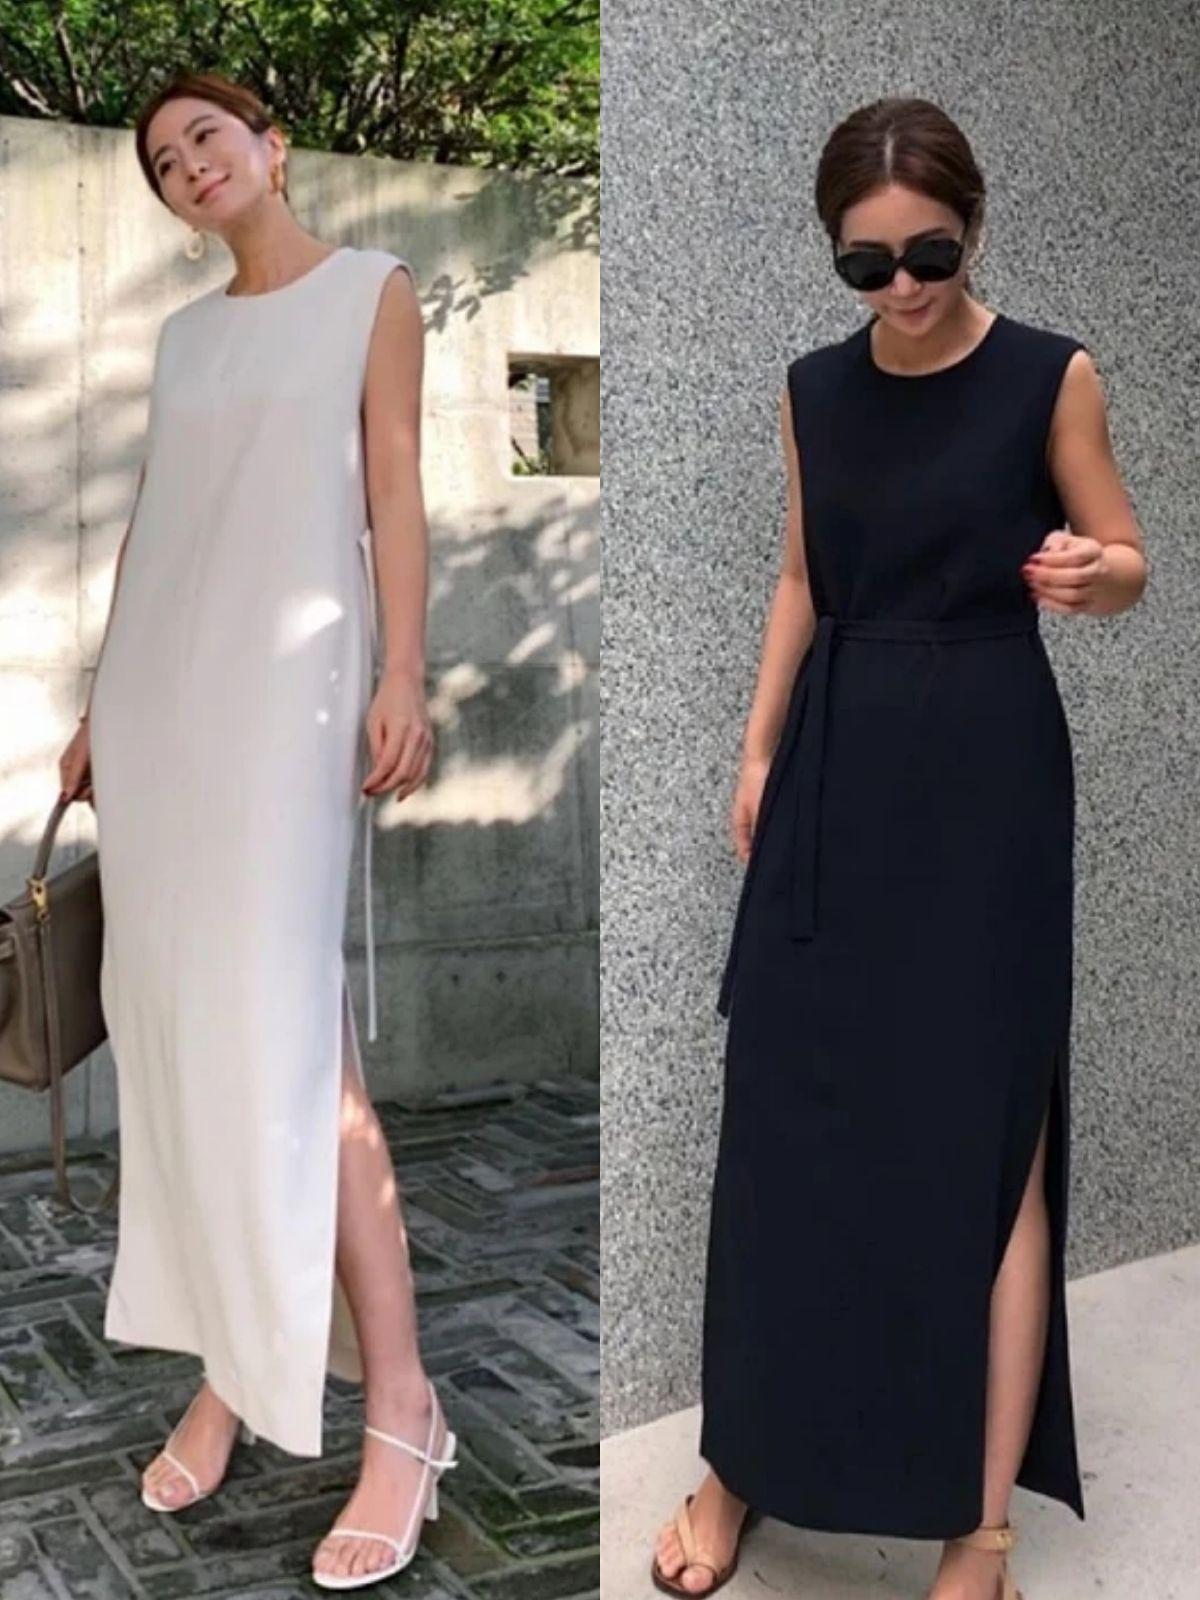 走优雅气质路线的中年女人,夏季穿衣懂得做减法,简约时尚又高级